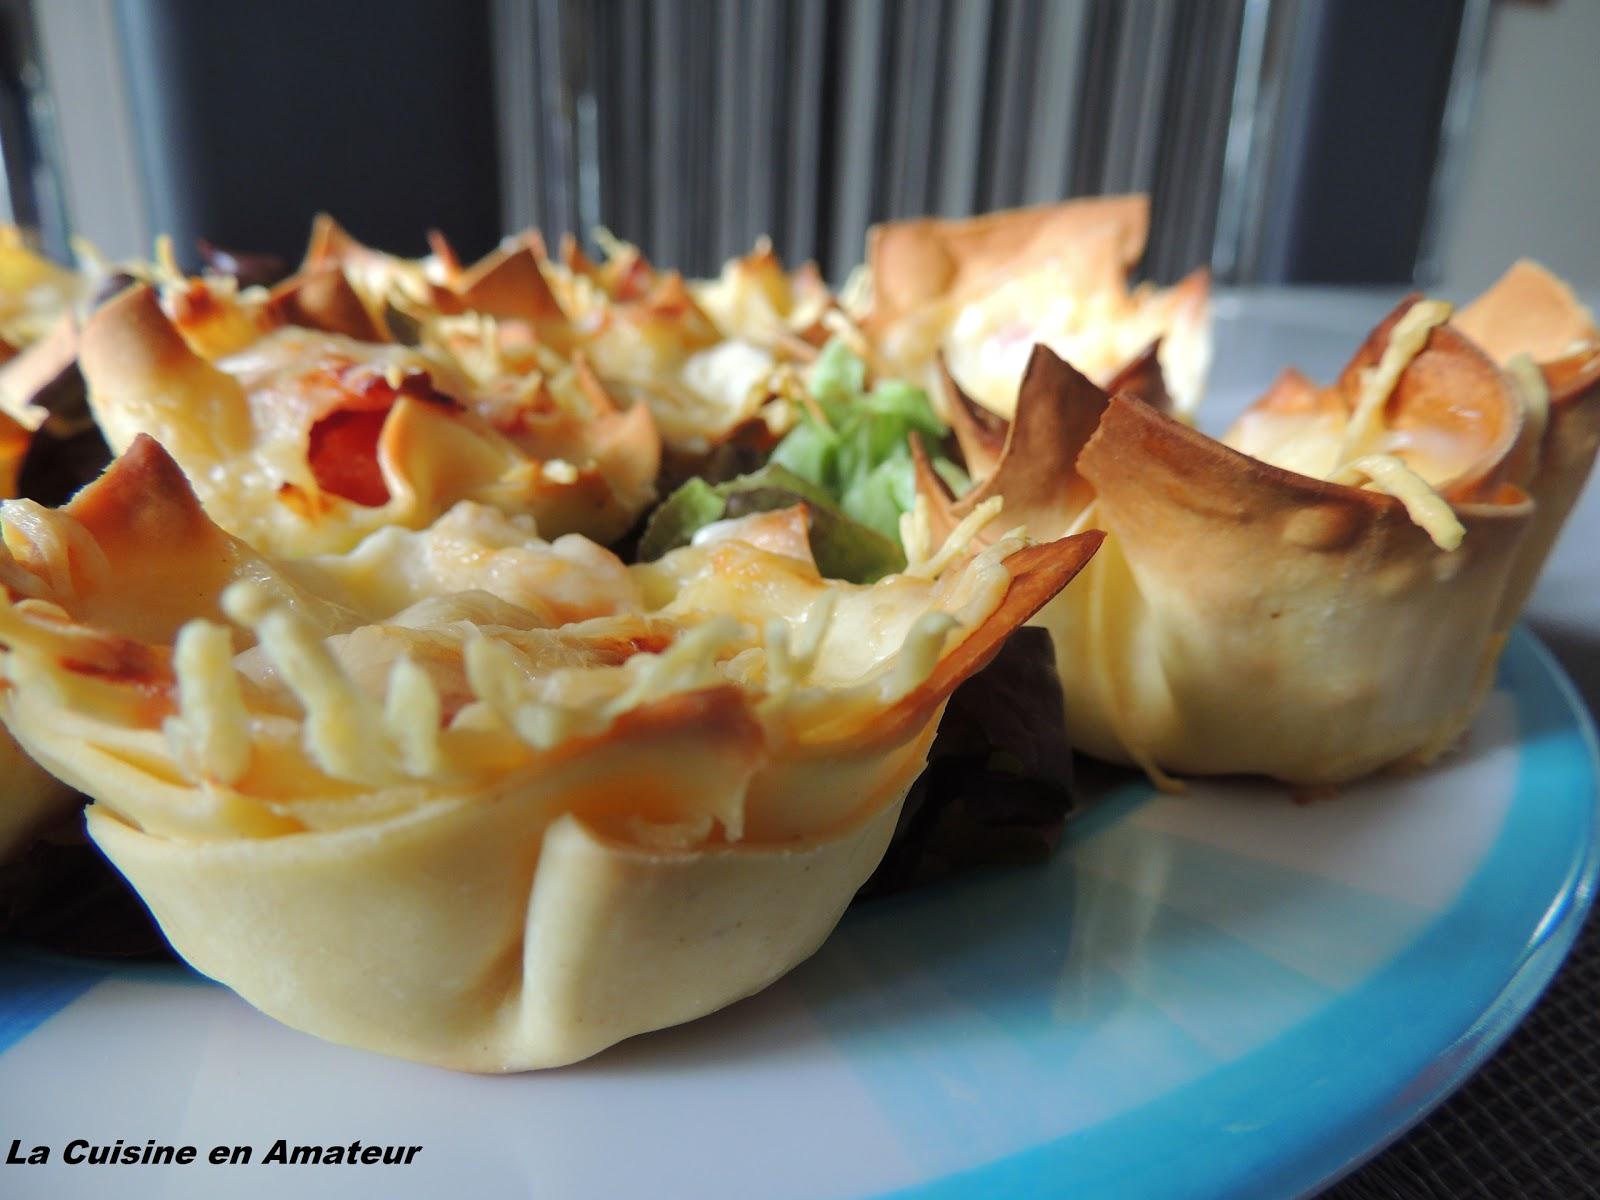 La cuisine en amateur de maryline mini bouch e de lasagnes - Canalisations bouchees que faire ...